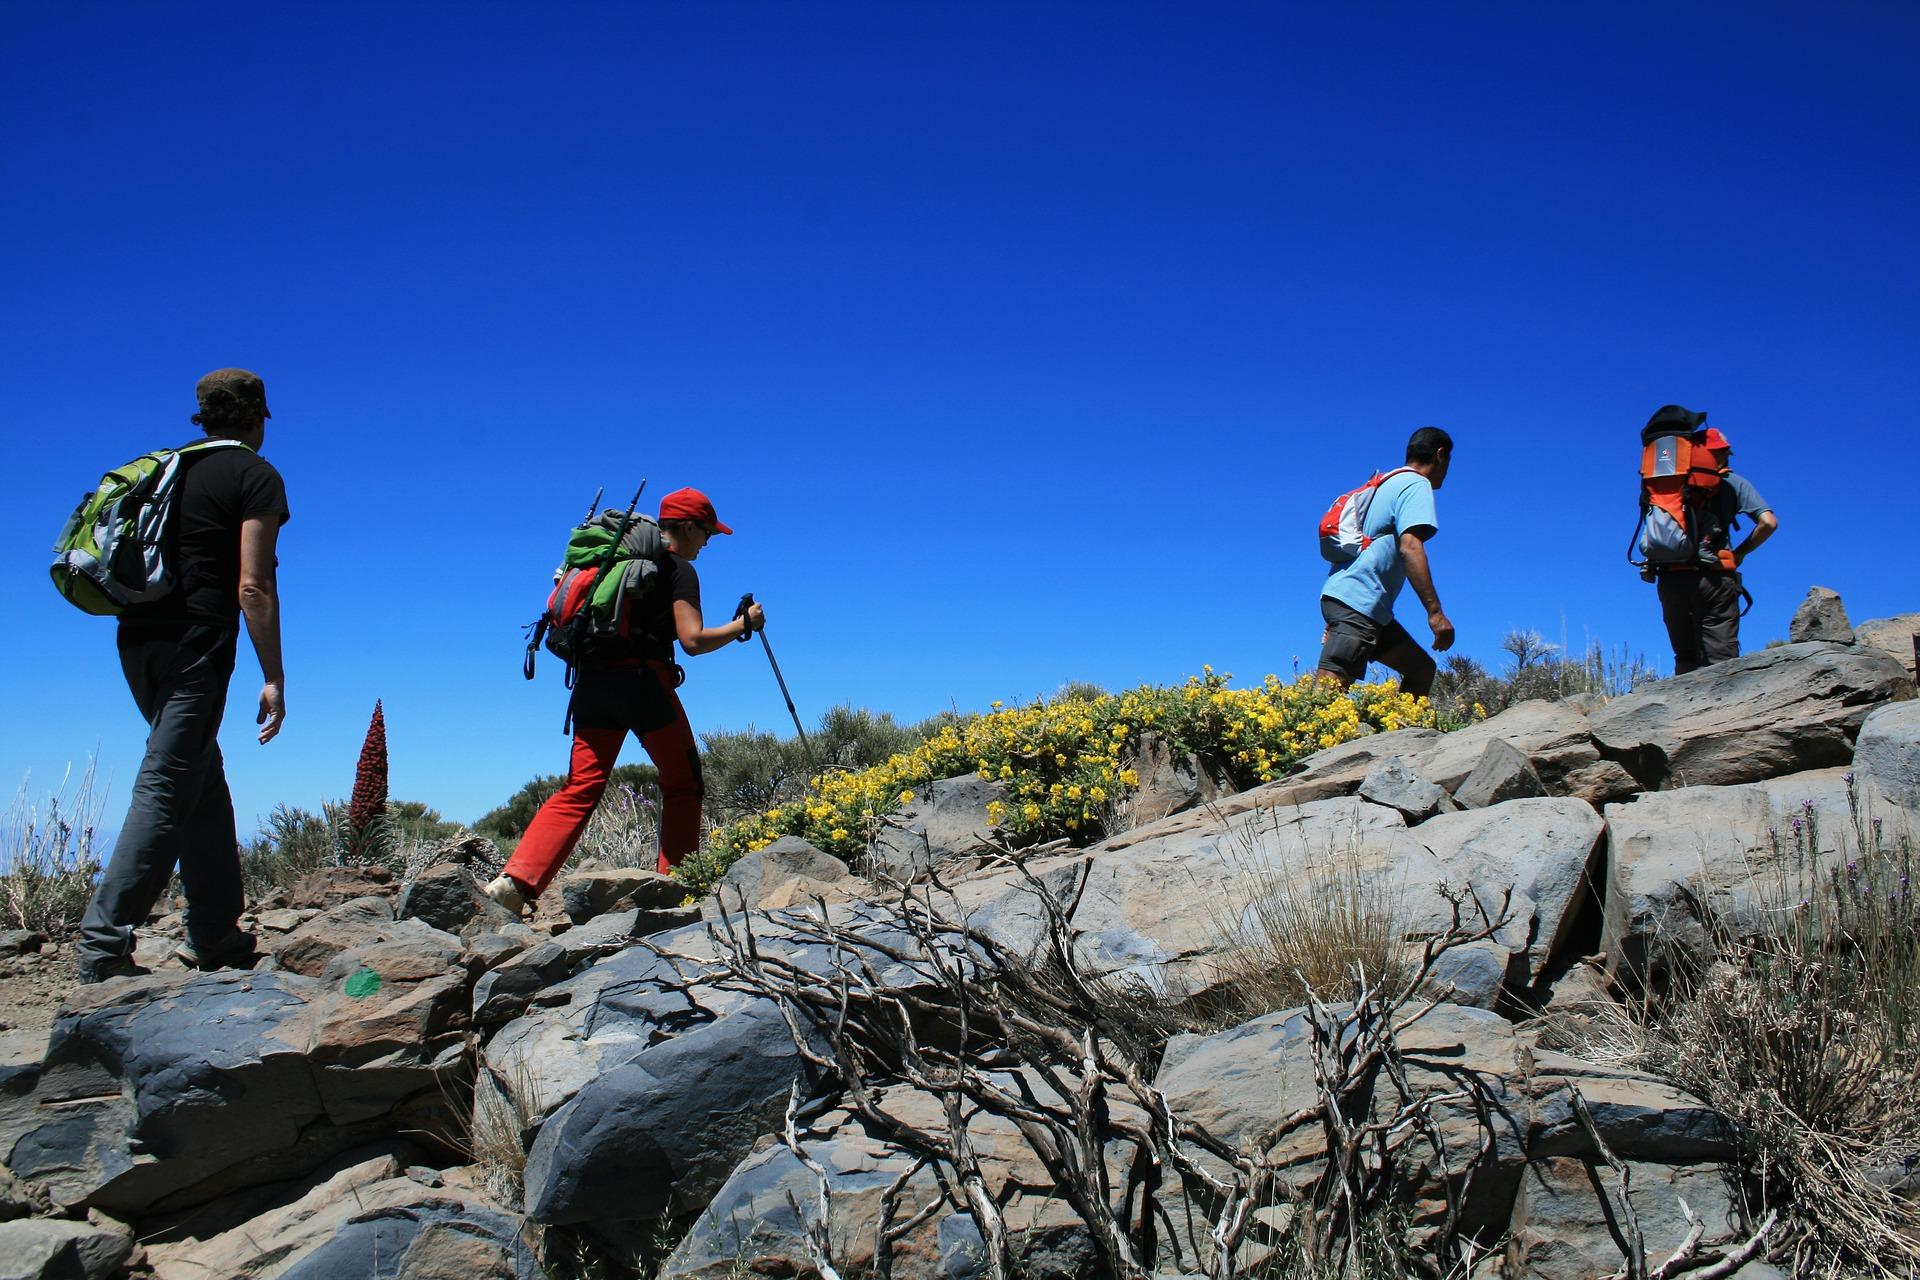 La barodontalgia al subir al Teide